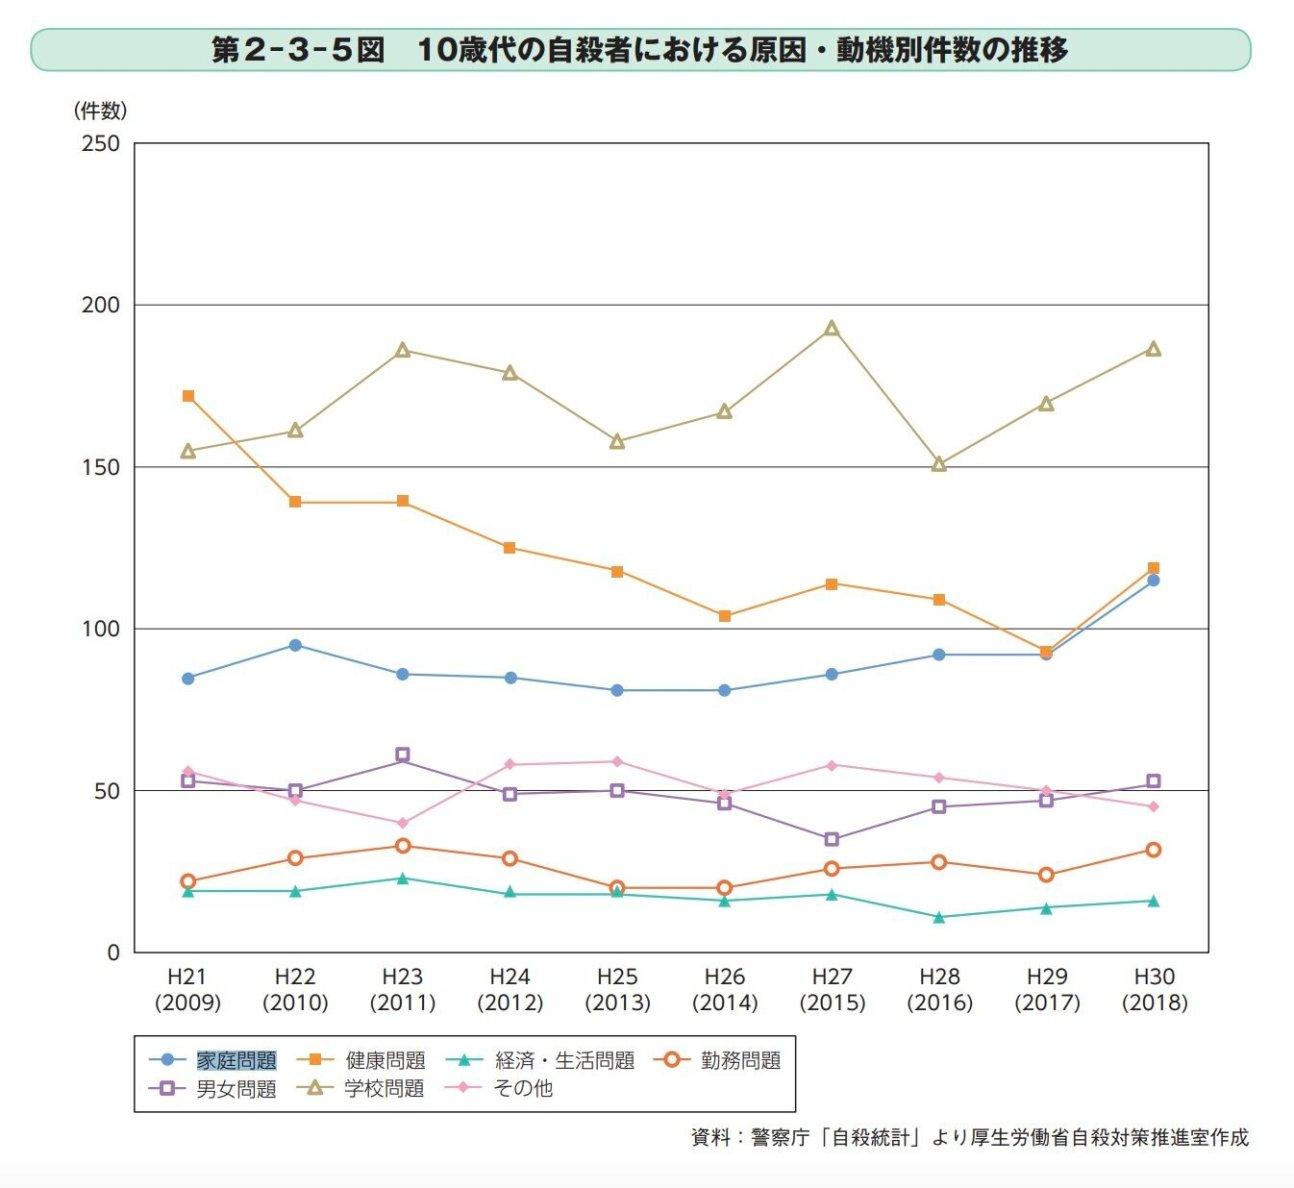 10代の自殺者における原因・動機別件数の推移